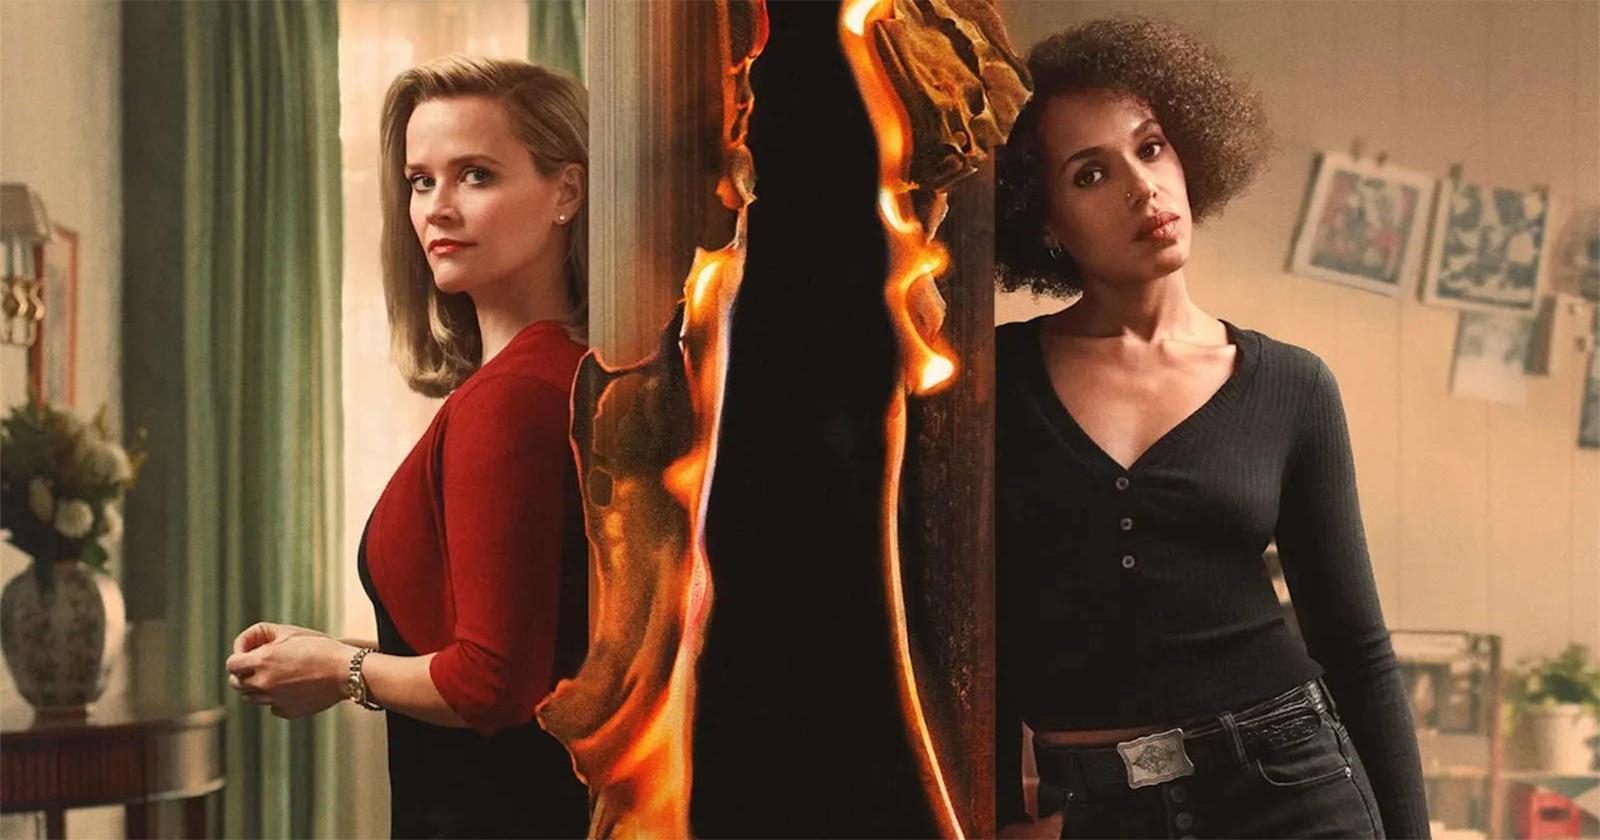 Reese Witherspoon y Kerry Washington en Little Fires Everywhere. En la foto aparecen separadas por un efecto de fuego.